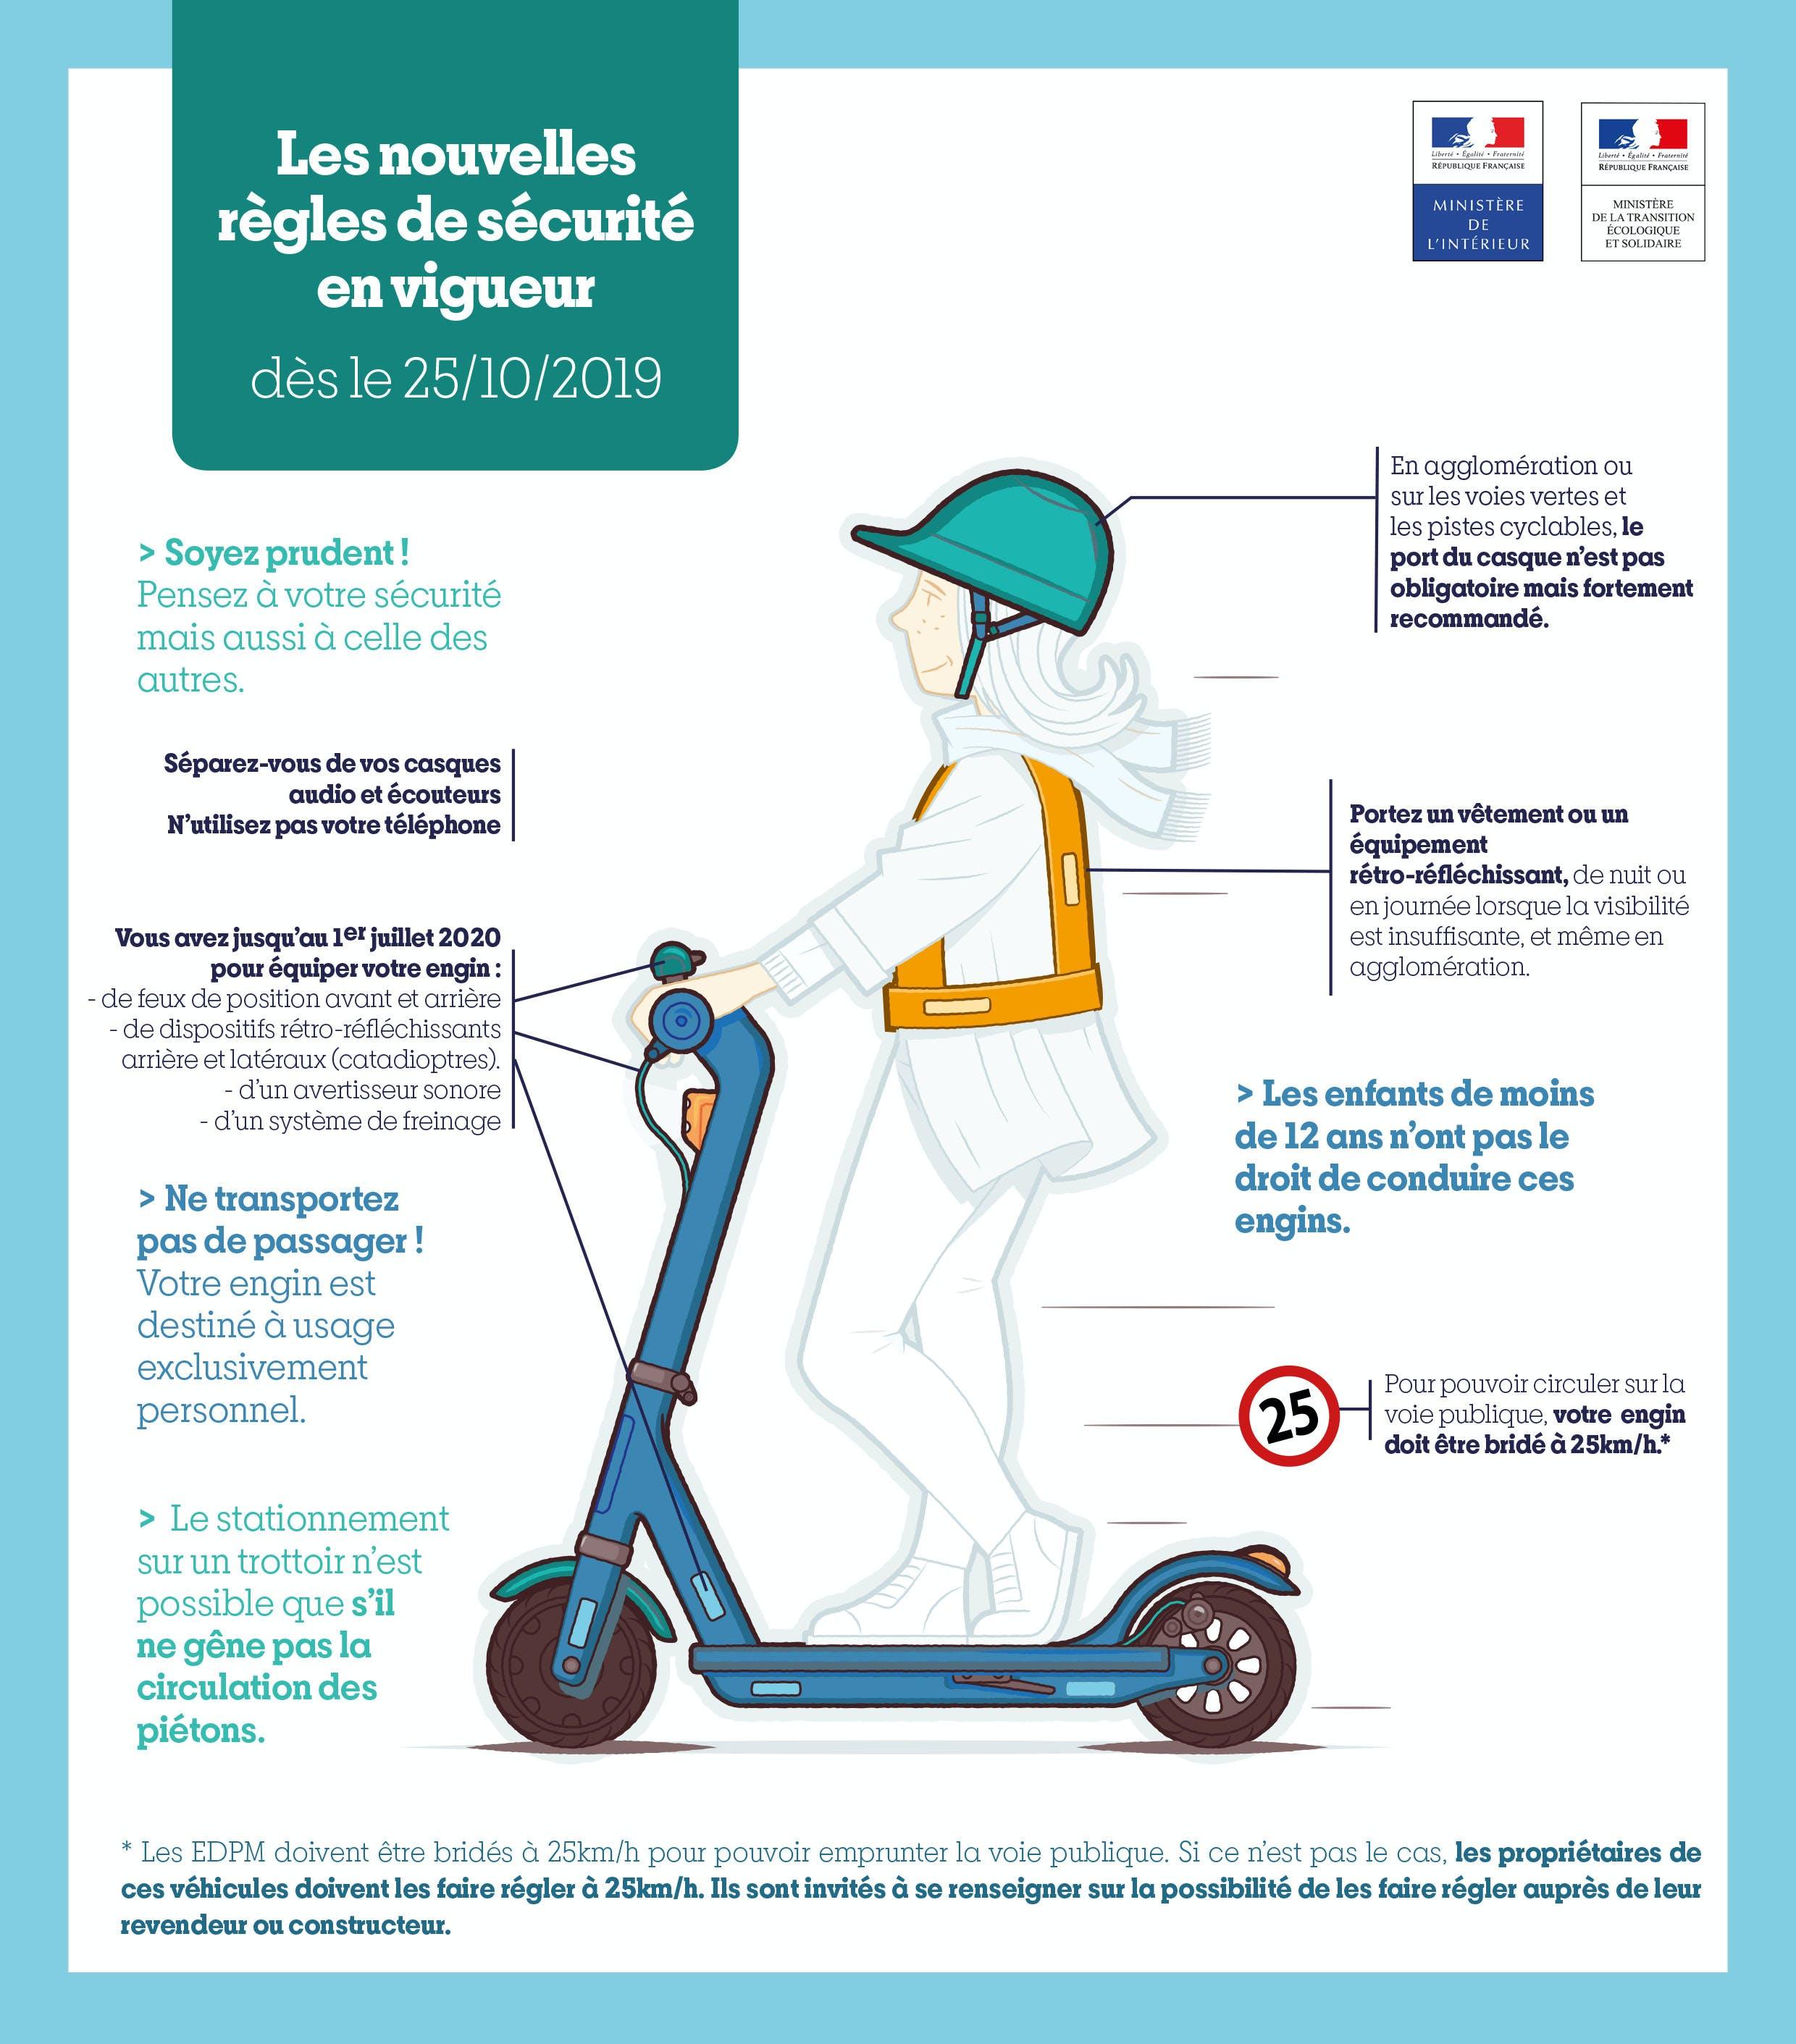 les nouvelles règles de circulation des EDPM à partir du 25/10/2019